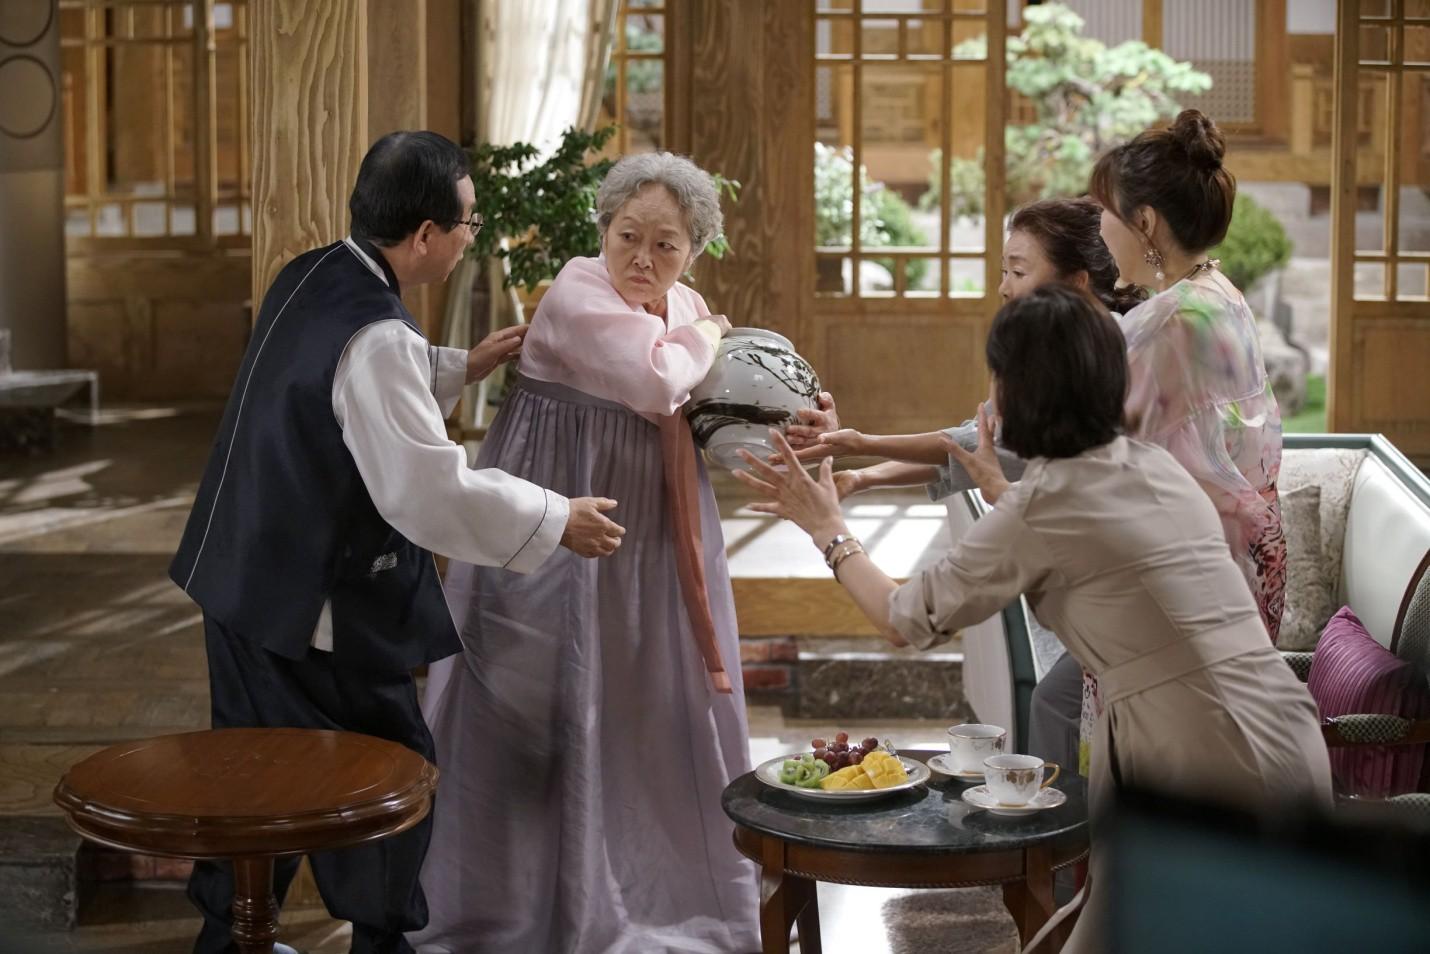 Muôn kiểu nàng dâu – Phim gia đình cực chuẩn cho mùa Trung thu - Ảnh 6.